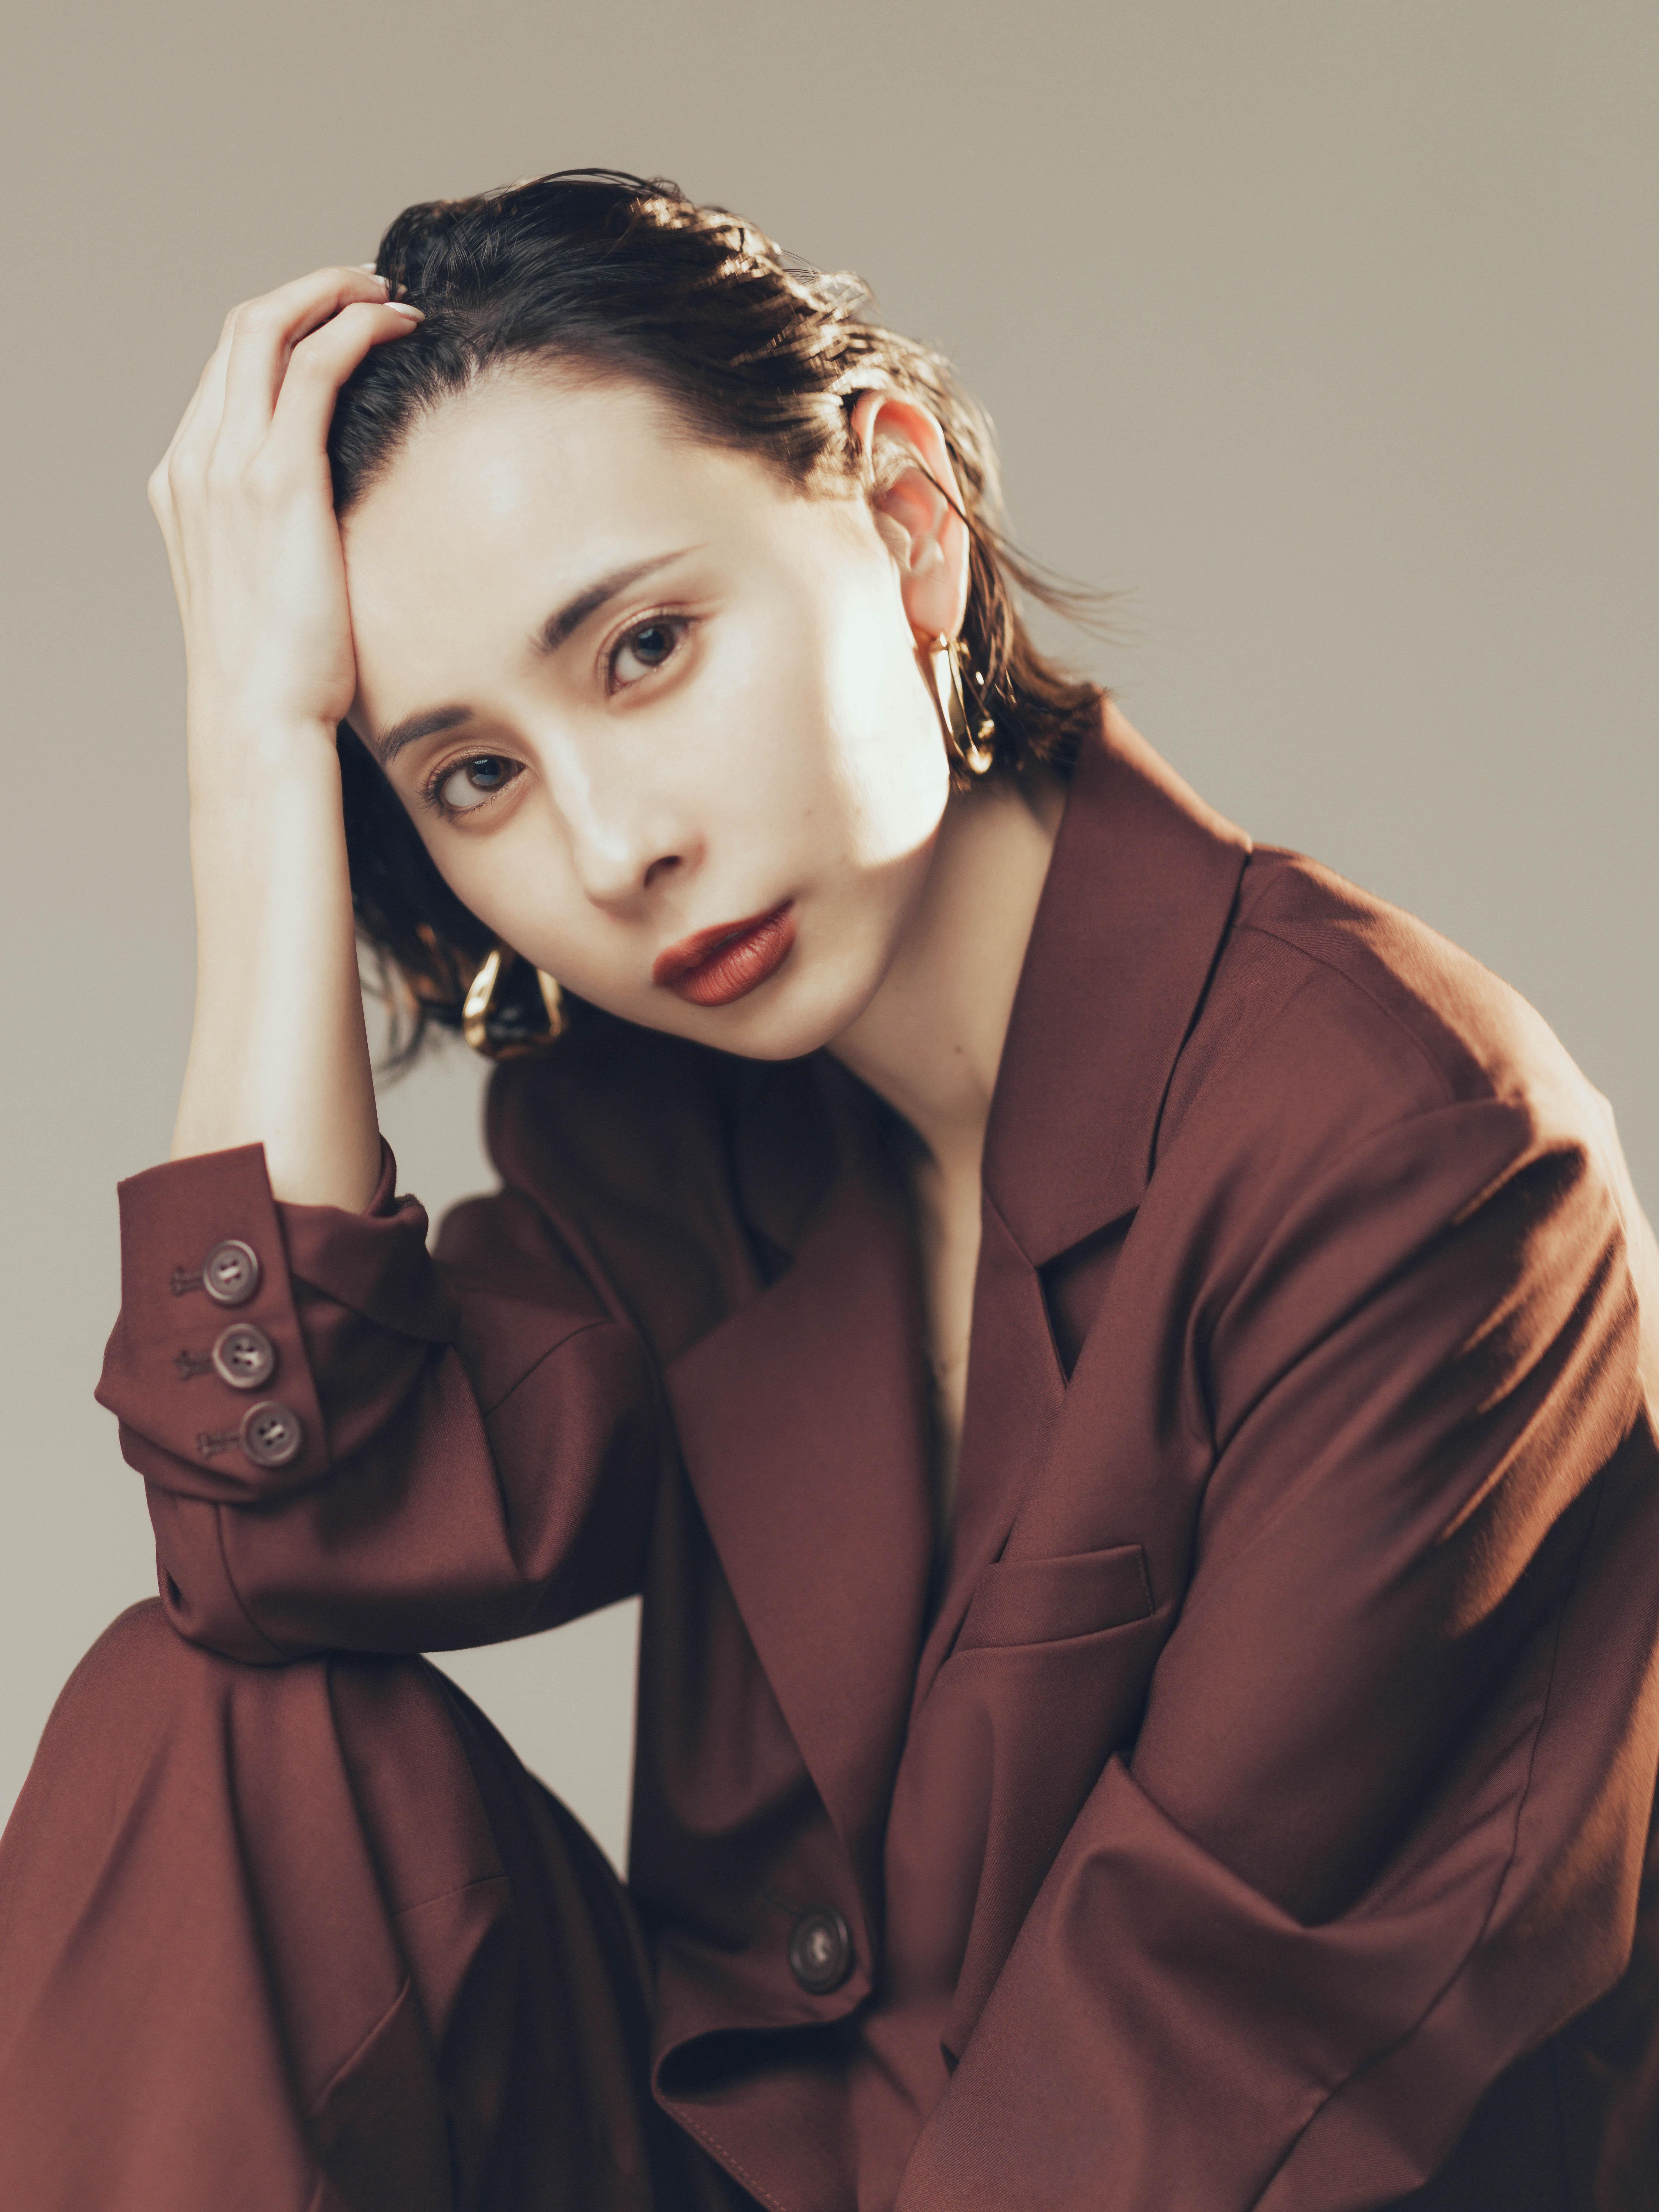 黒石奈央子 / ameri vintageデザイナー(Forbes JAPAN)